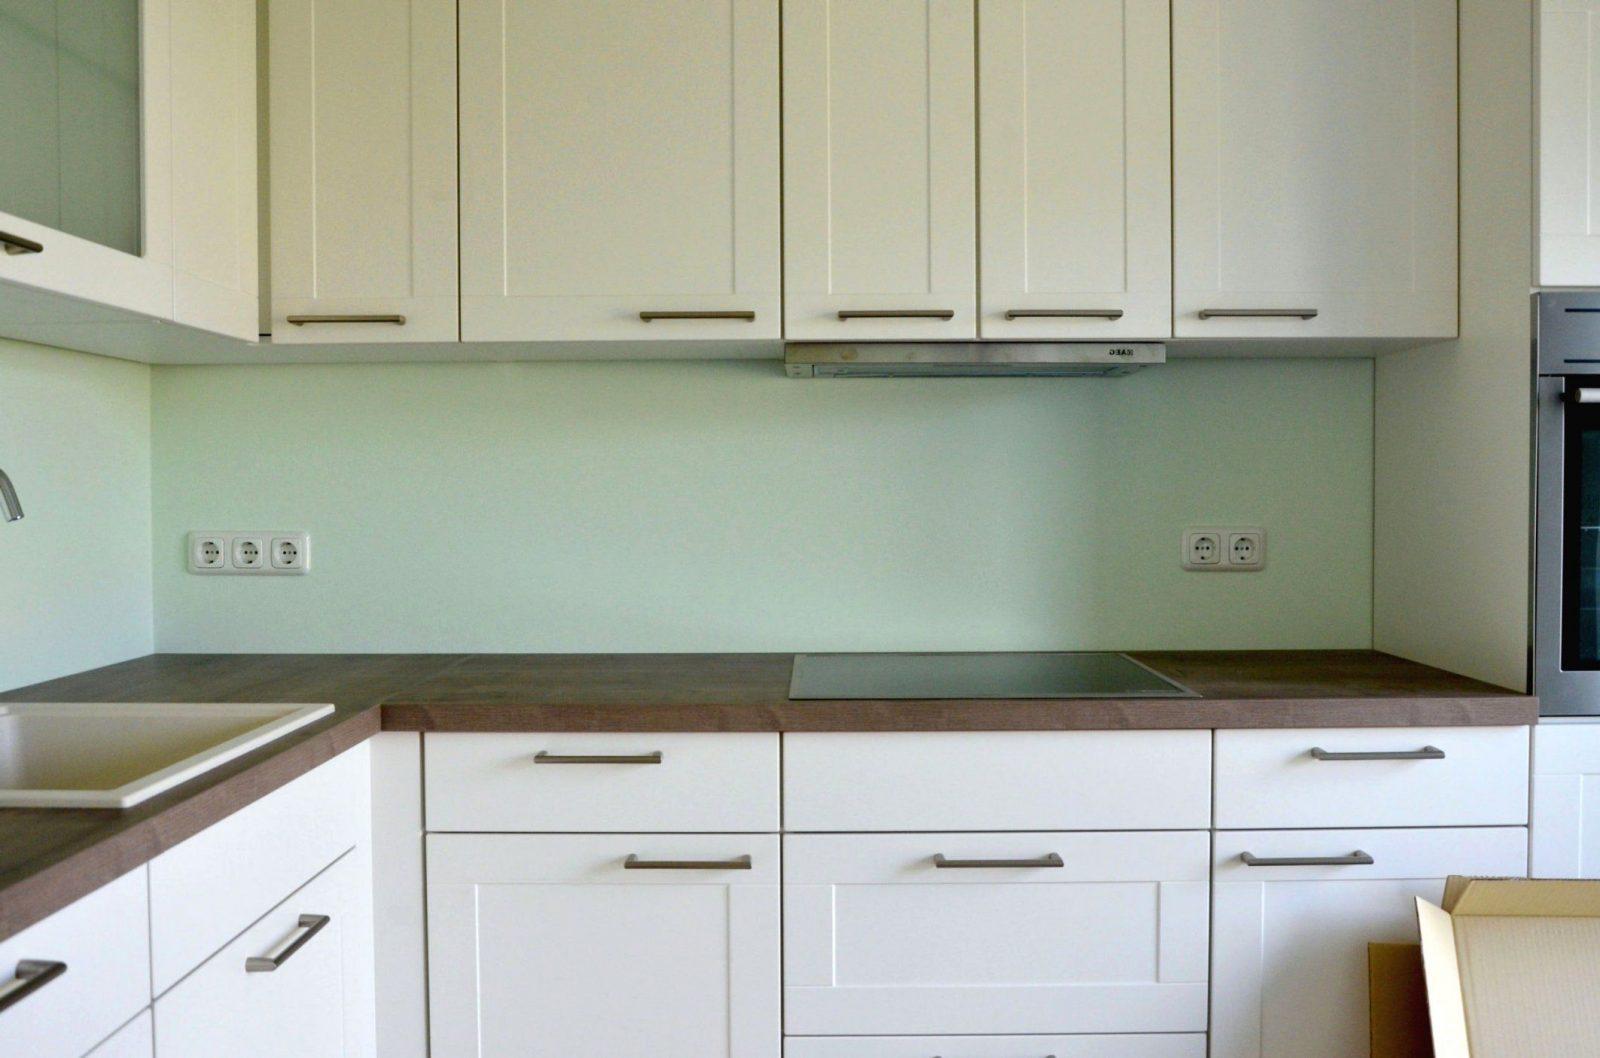 Unglaubliche Ideen Spritzschutz Küche Plexiglas Und Elegante Nett K von Spritzschutz Küche Plexiglas Selber Machen Bild